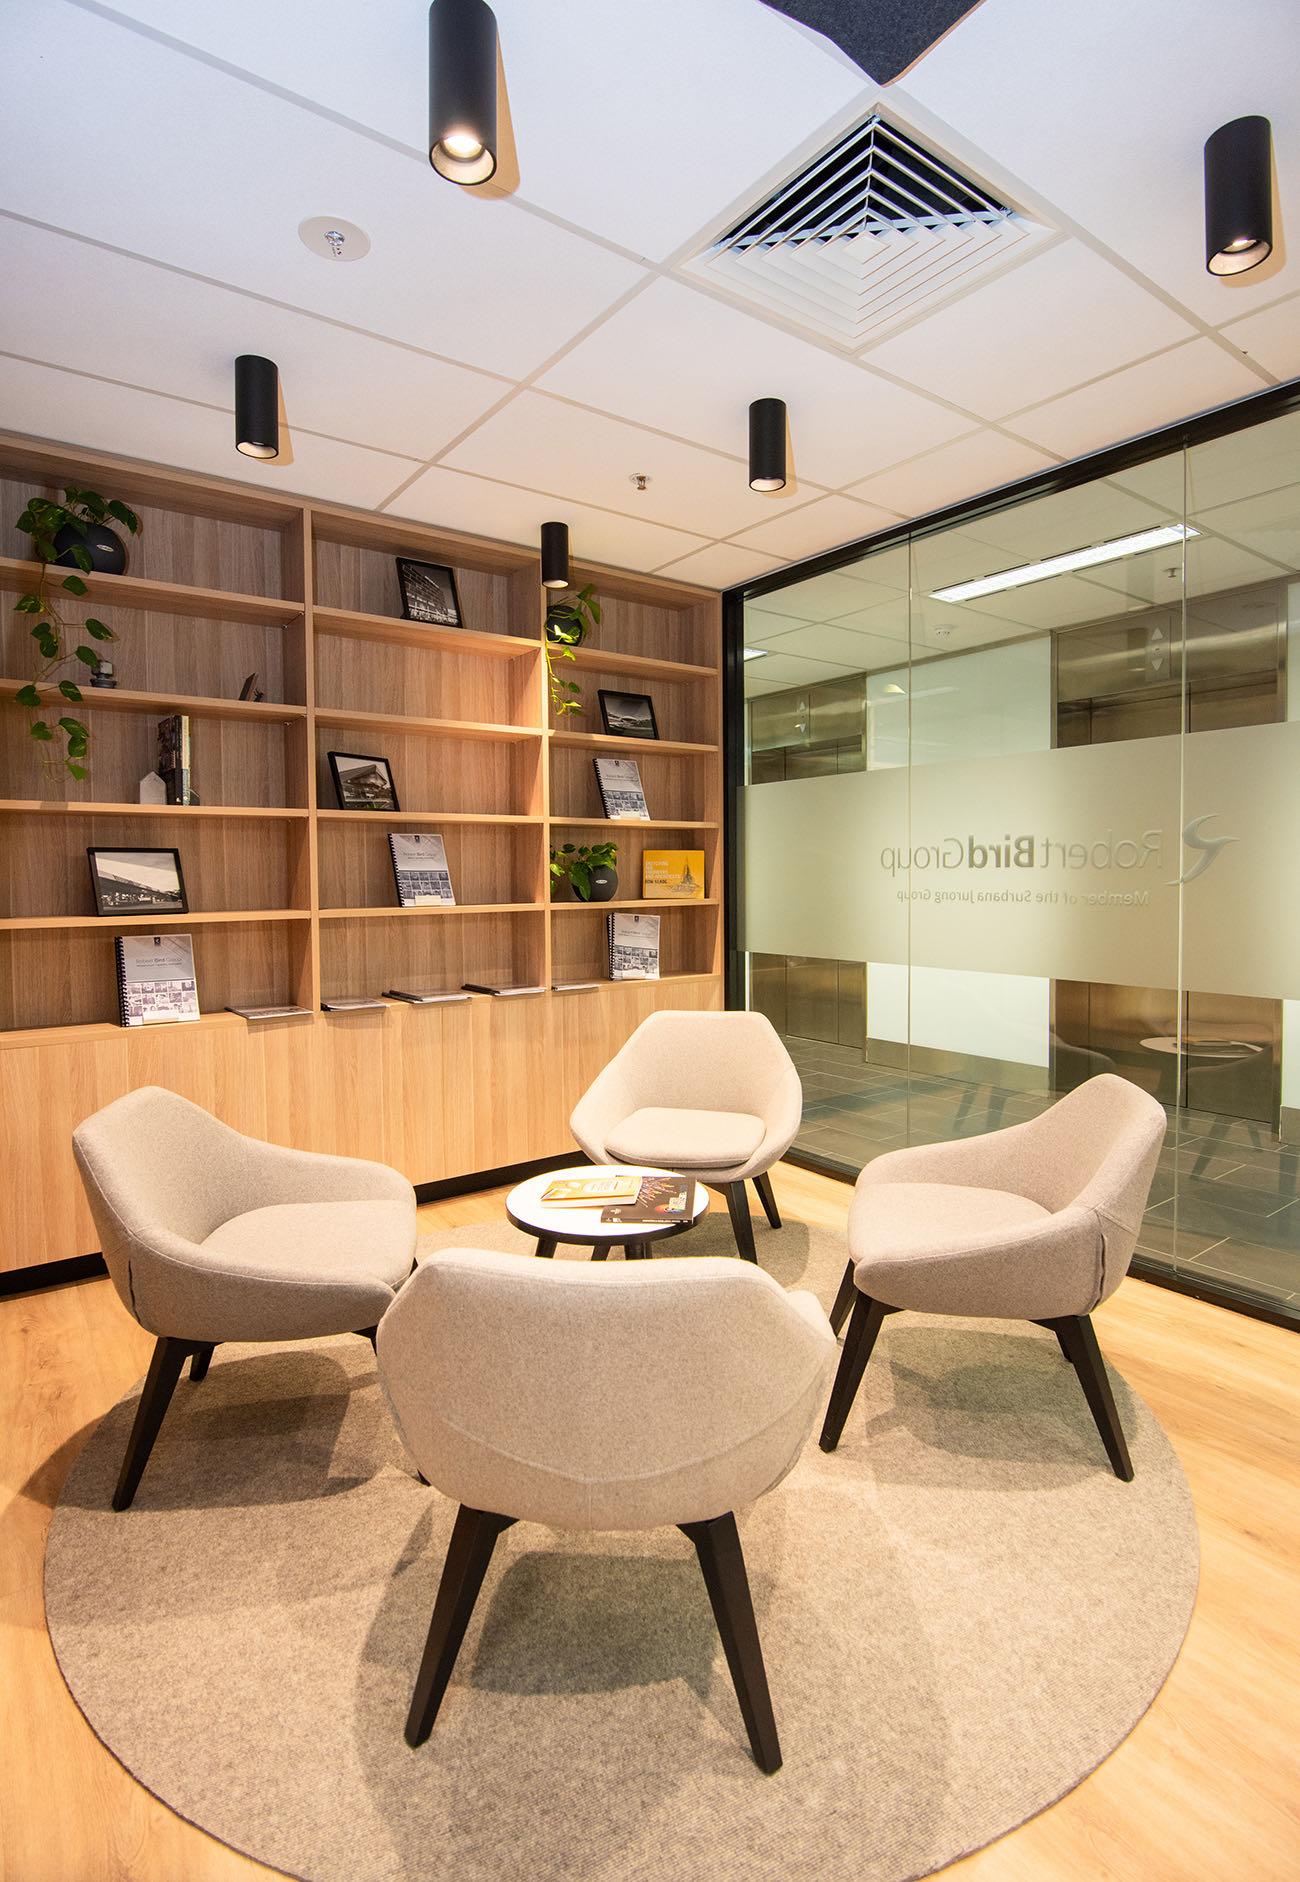 robert-bird-group-office-25